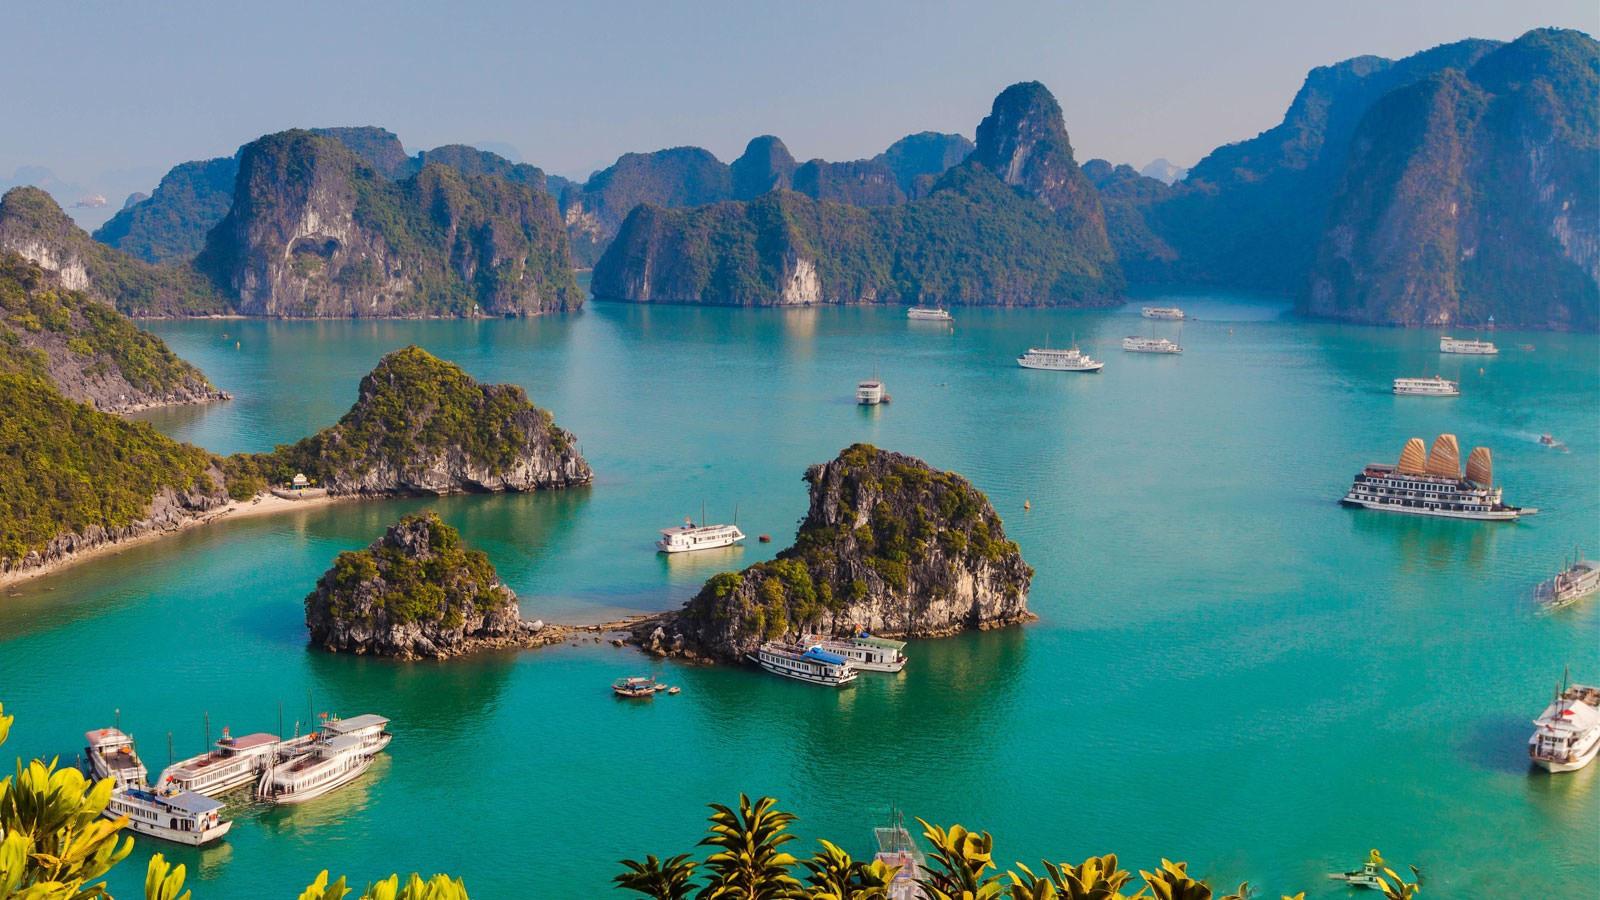 Thẩm định Kế hoạch quản lý Di sản thiên nhiên thế giới Vịnh Hạ Long  - Ảnh 1.